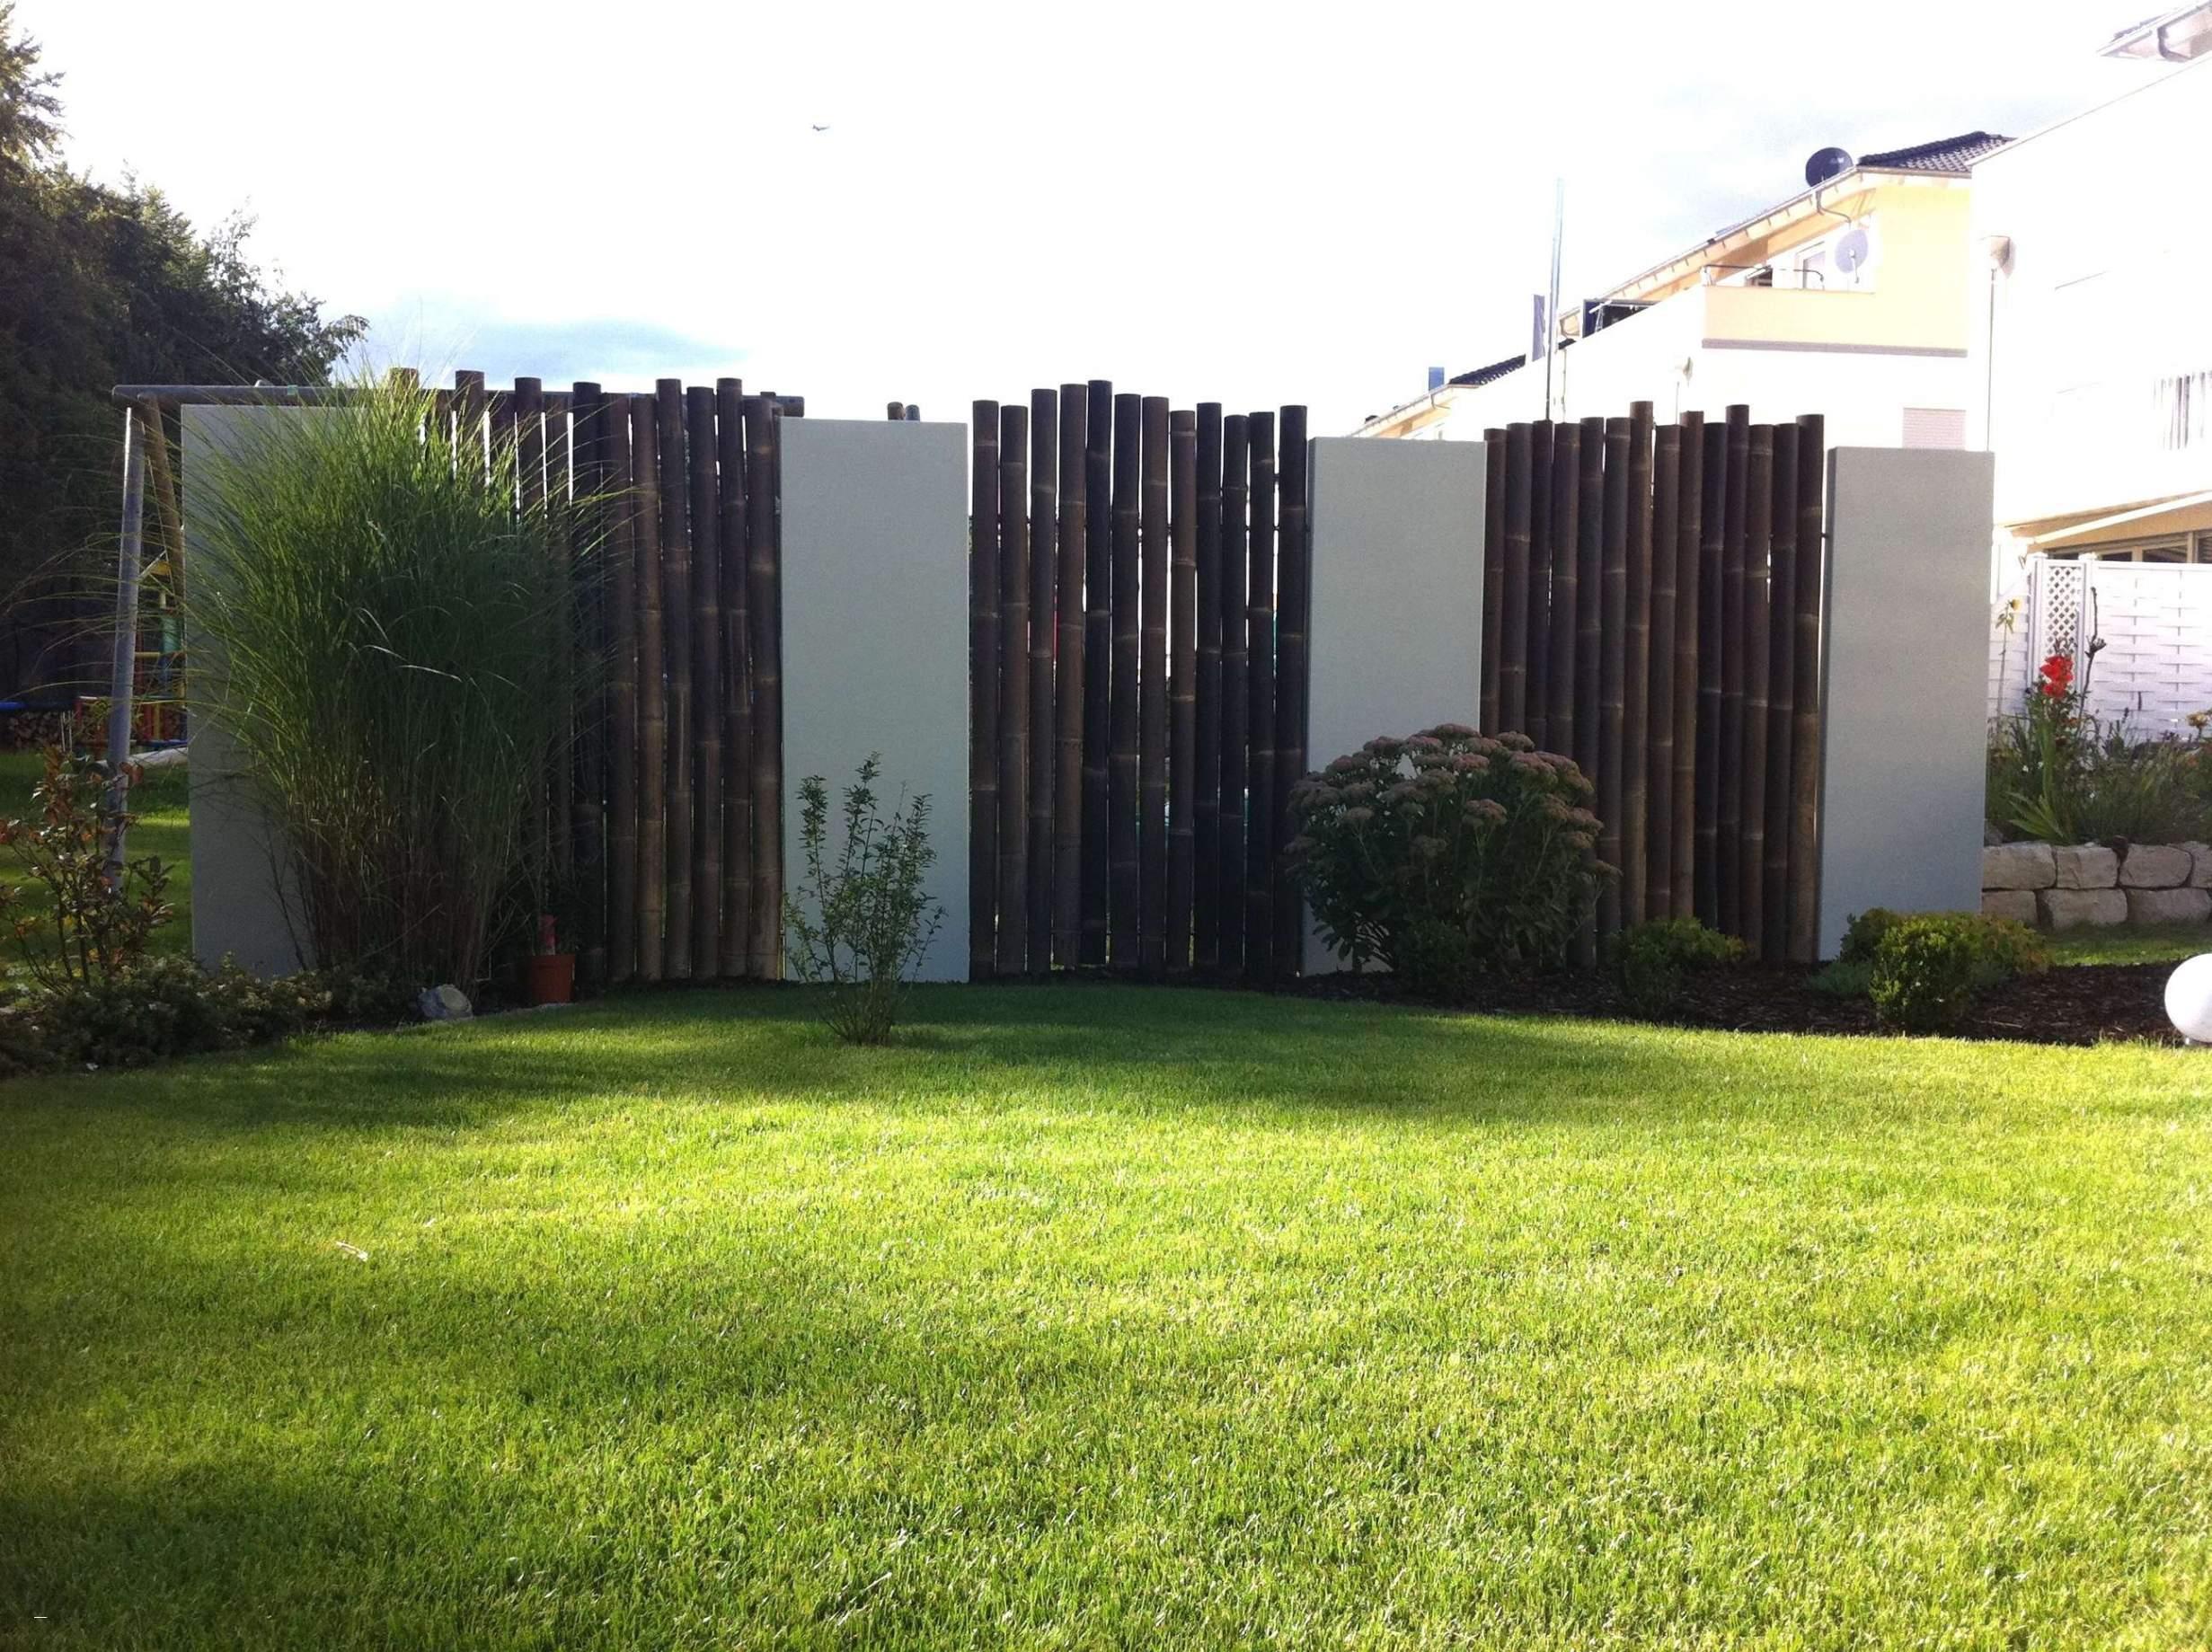 schallschutz garten selber bauen schon terrasse pflanzen sichtschutz temobardz home blog of schallschutz garten selber bauen